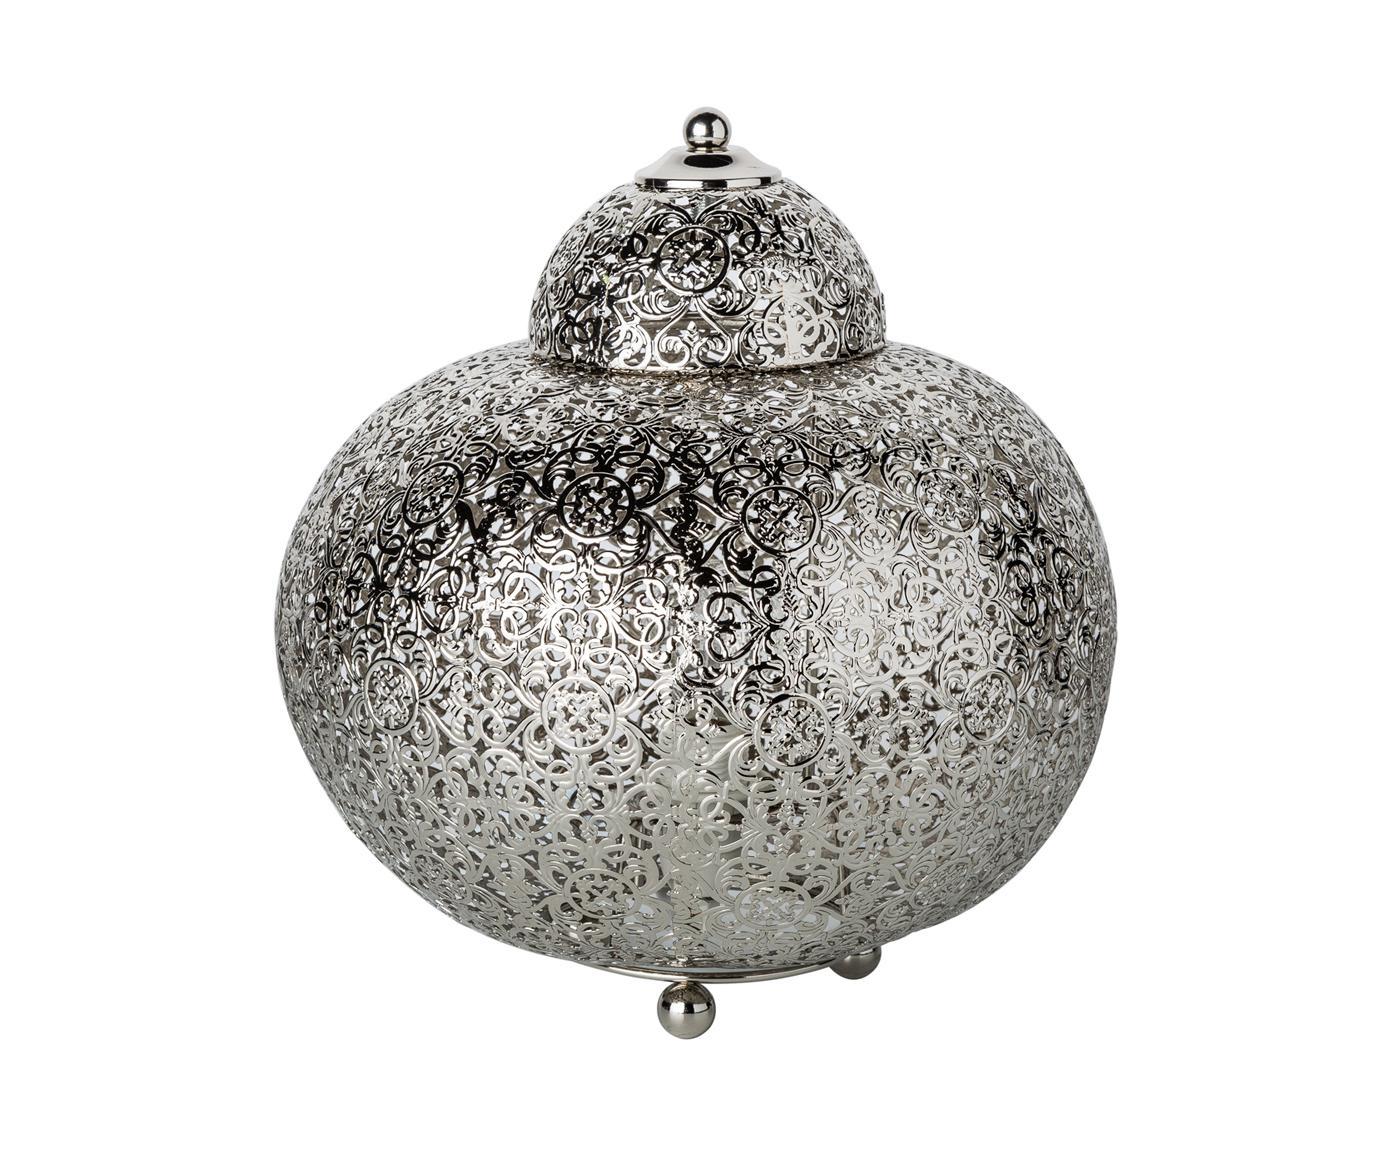 Kleine Boho-Tischleuchte Marocco, Nickel, Nickel, Ø 26 x H 26 cm